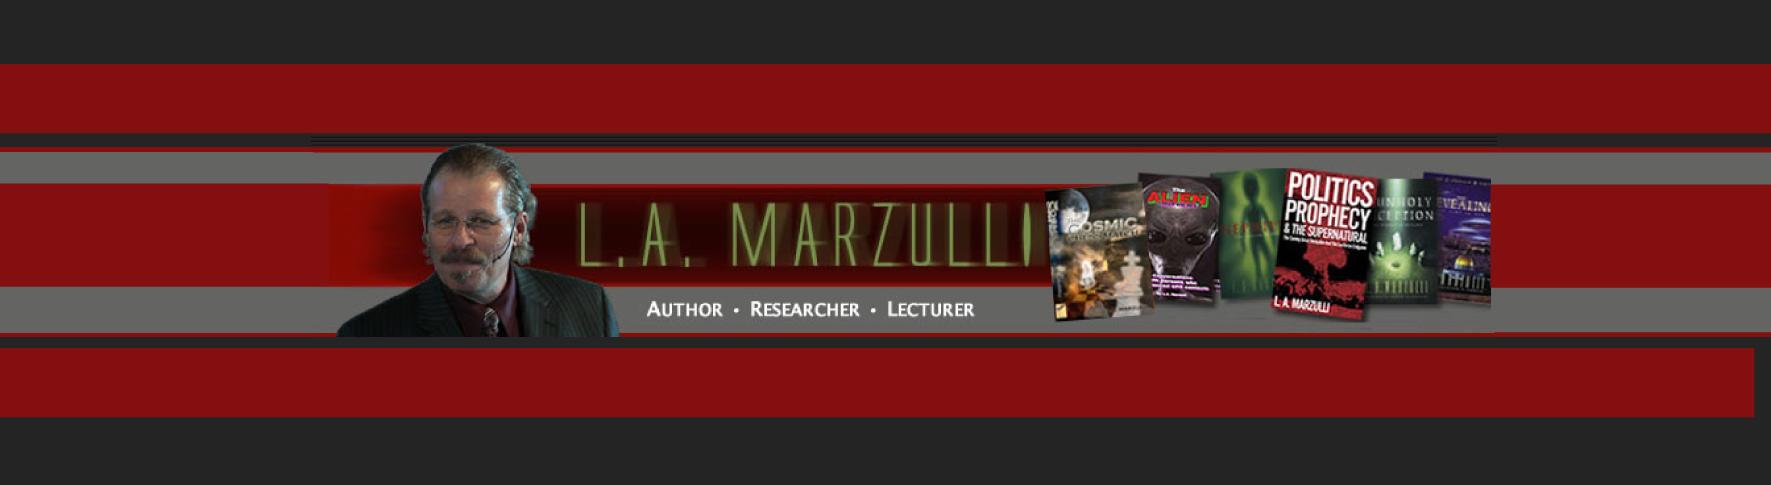 L.A. Marzulli